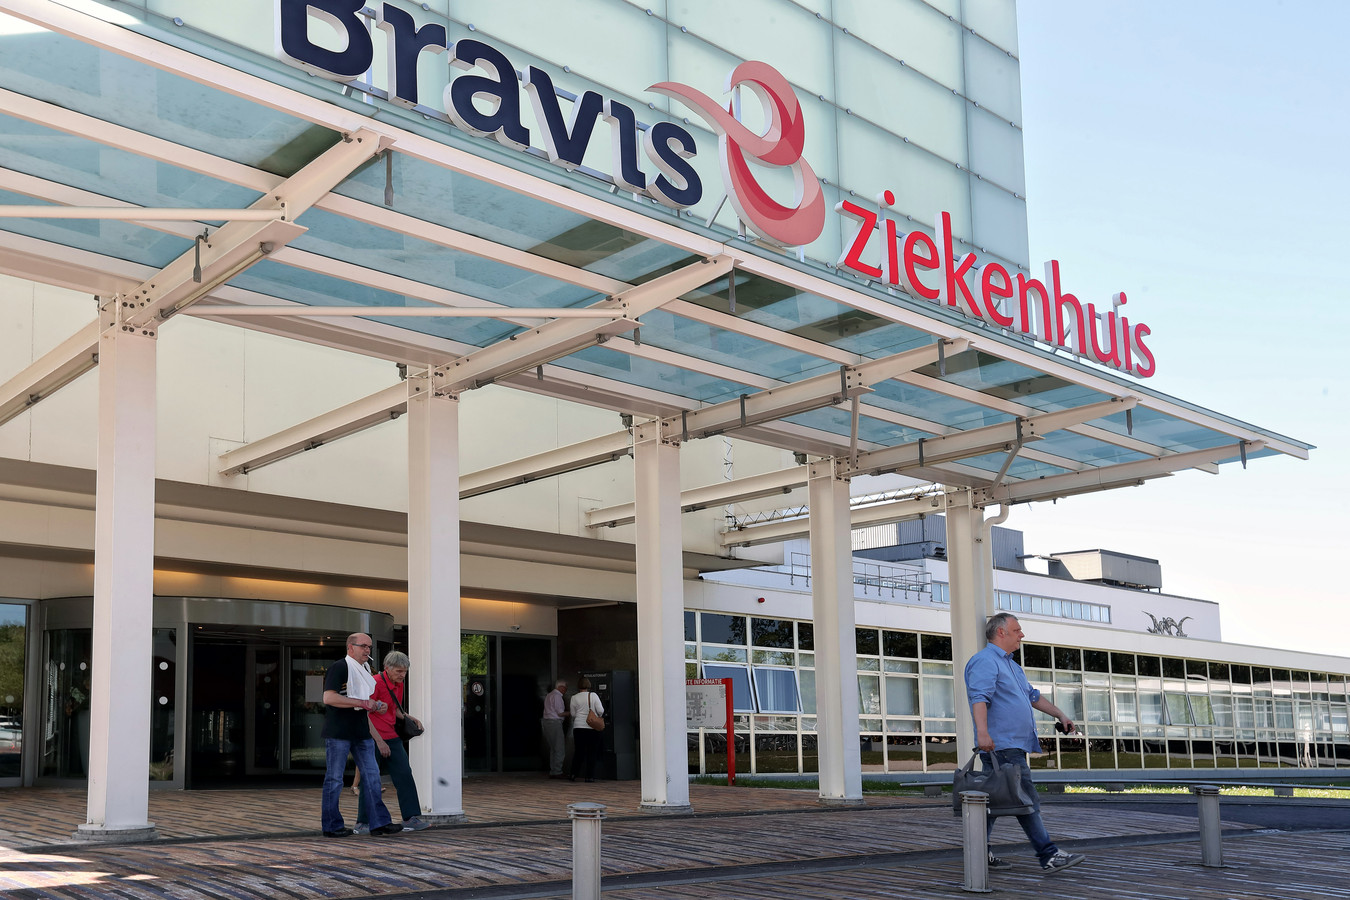 De ingang van het huidige Bravis ziekenhuis in Bergen op Zoom. De nieuwbouw komt in Roosendaal en moet medio 2026 open.